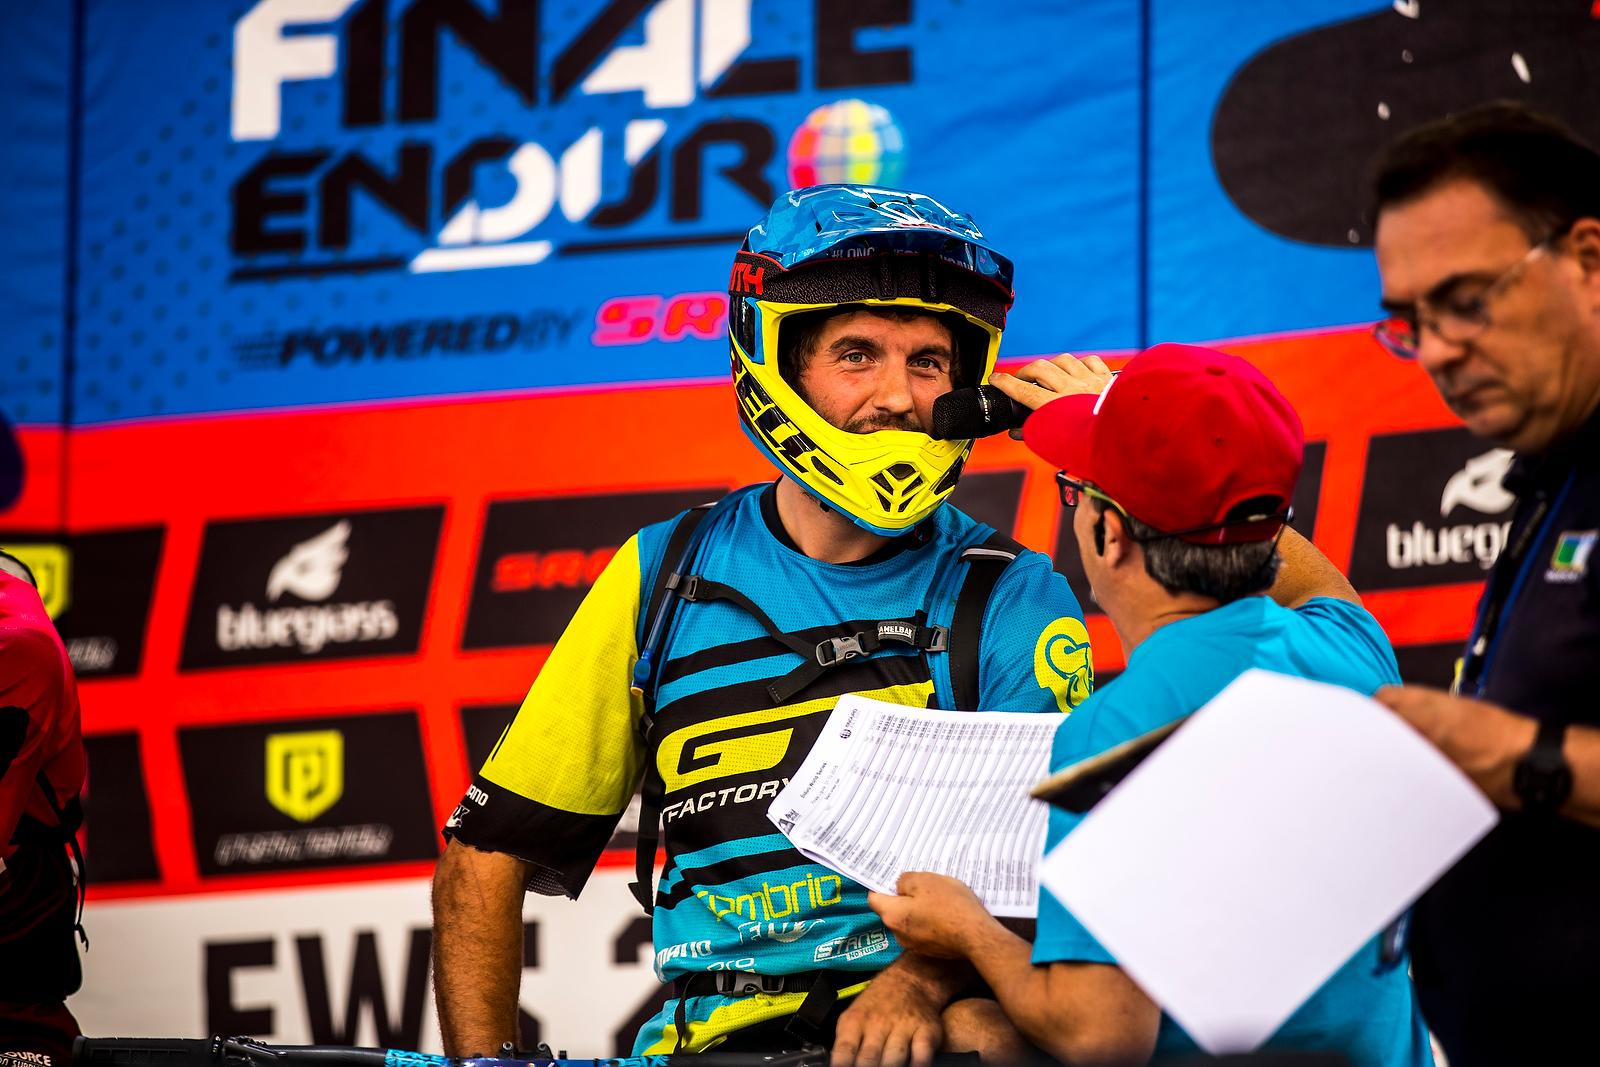 Блог им. Trial-Sport: GT: Мартин Мэйес. Победное завершение гоночного сезона 2016!